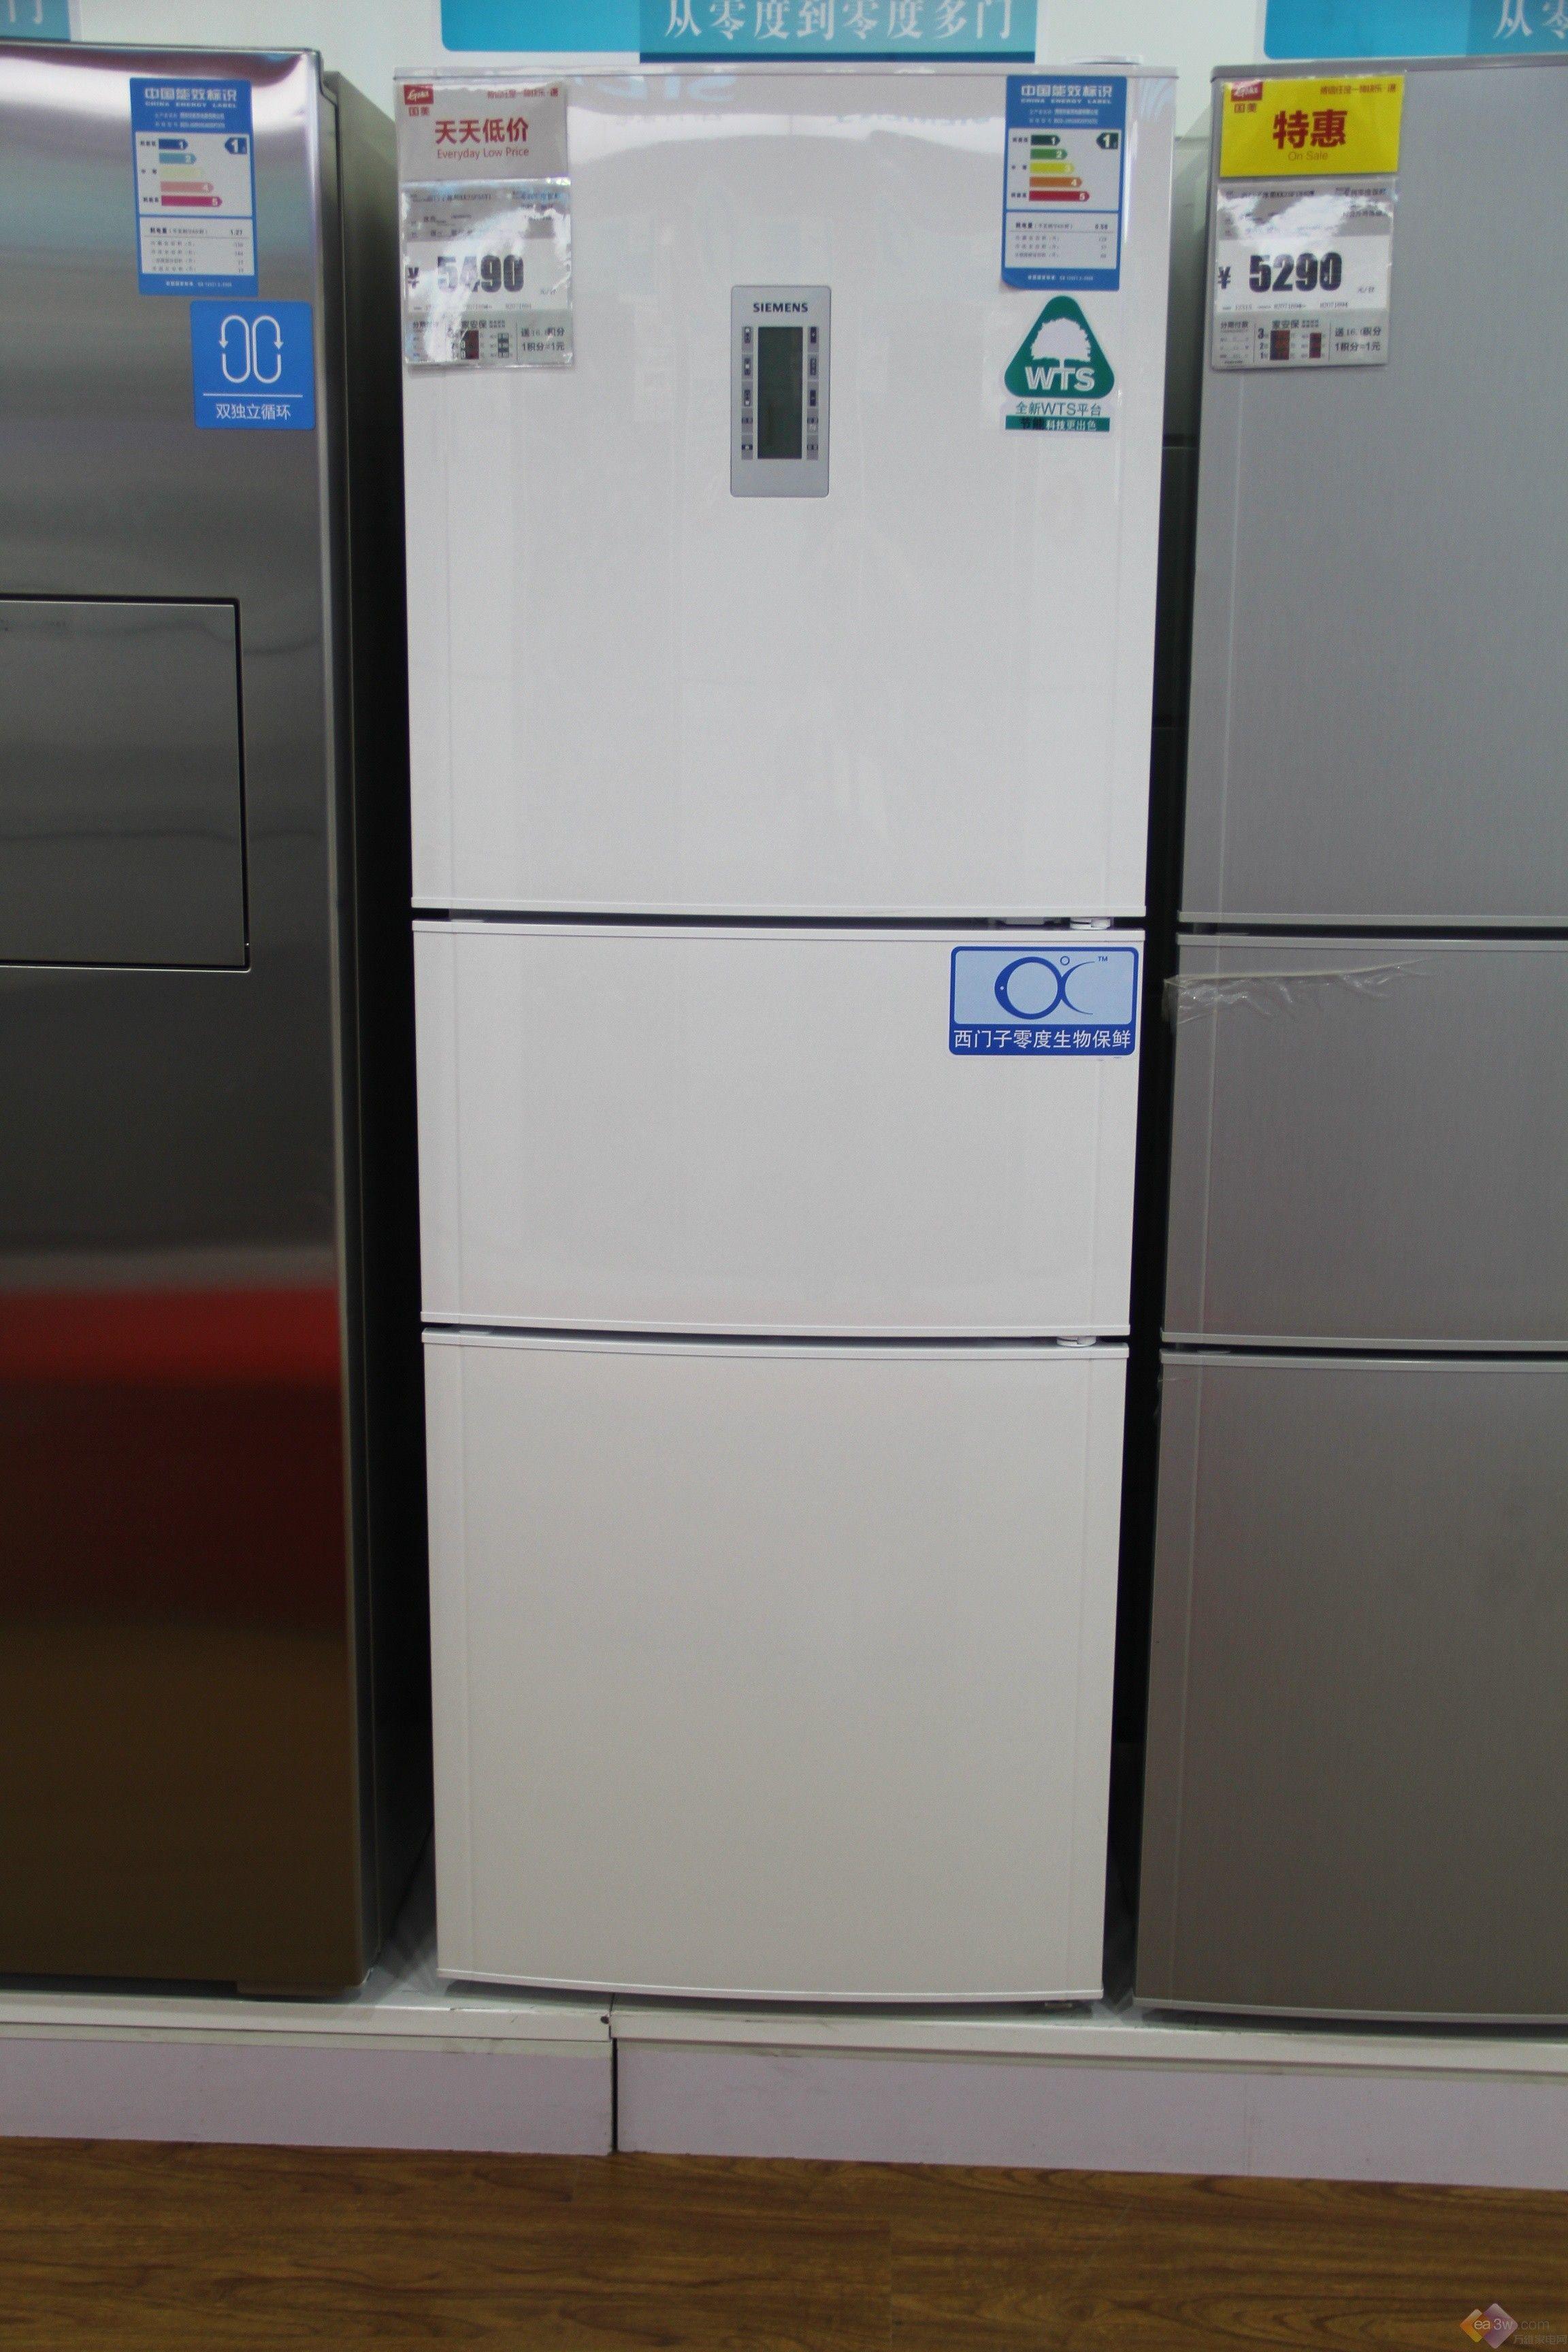 保鲜对于一款冰箱来说是至关重要的,所以说各商家也都在保鲜技术的研究上花费很大精力。西门子推出了一款冰箱产品,这款产品使用了先进的零度生物保鲜技术,感兴趣的朋友一起来了解一下吧。西门子KM40FSS9TI多门冰箱采用全新欧式无框玻璃门,点阵型外观设计,搭配通透玻璃质感,极致简约设计让有限空间无限可能。采用高温无机油墨丝网印刷,较普通低温有机油墨更为稳定。欧式铝合金把手的使用,更加时尚大气,无缝纯平表面,感应式